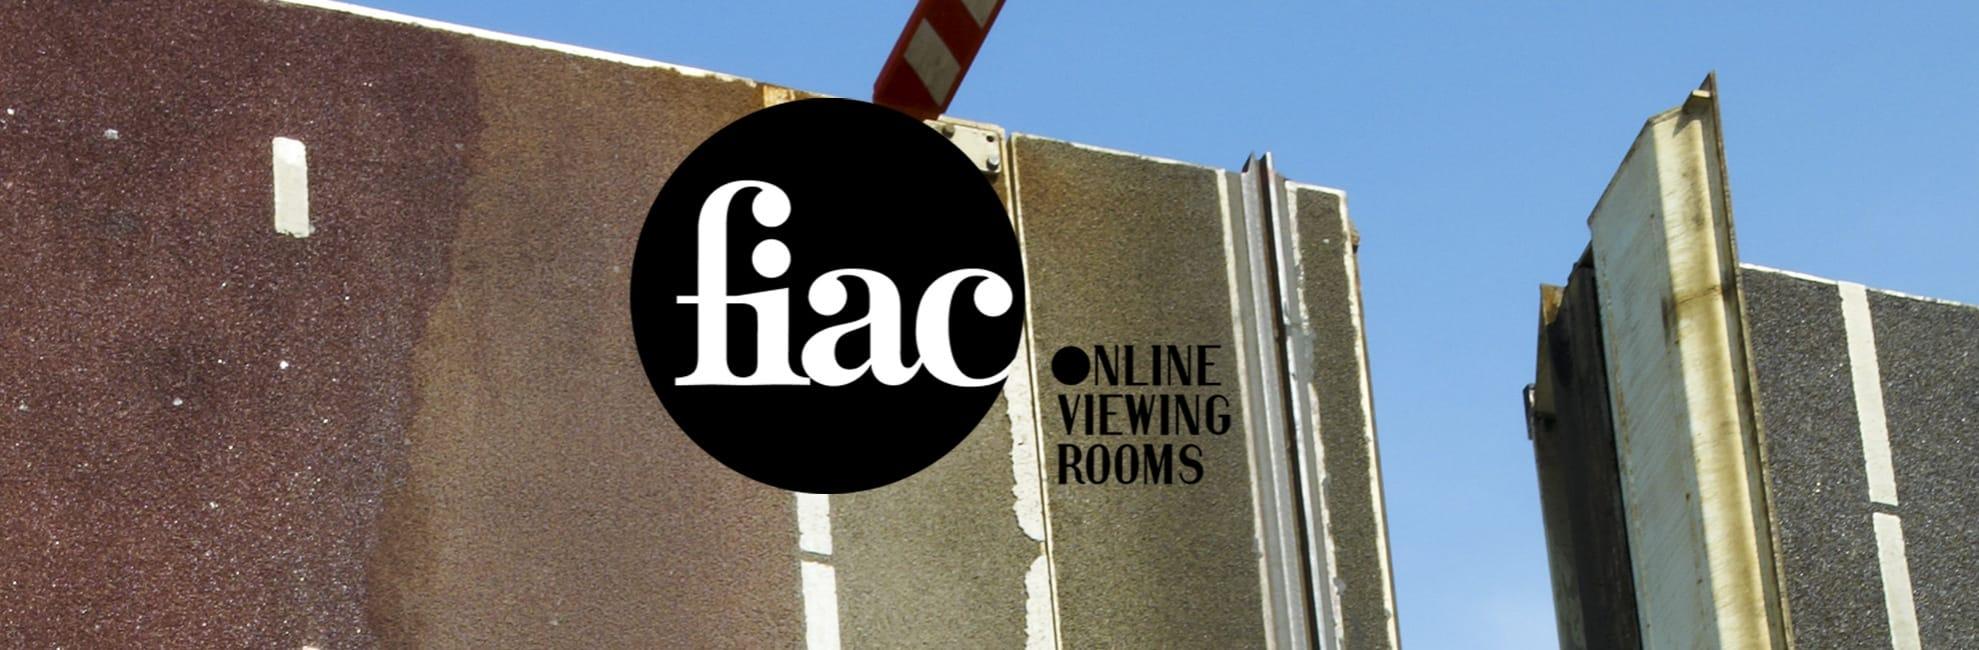 FIAC Online Viewing Rooms 2021 affiche manifestion d'art contemporain, d'art moderne et de design